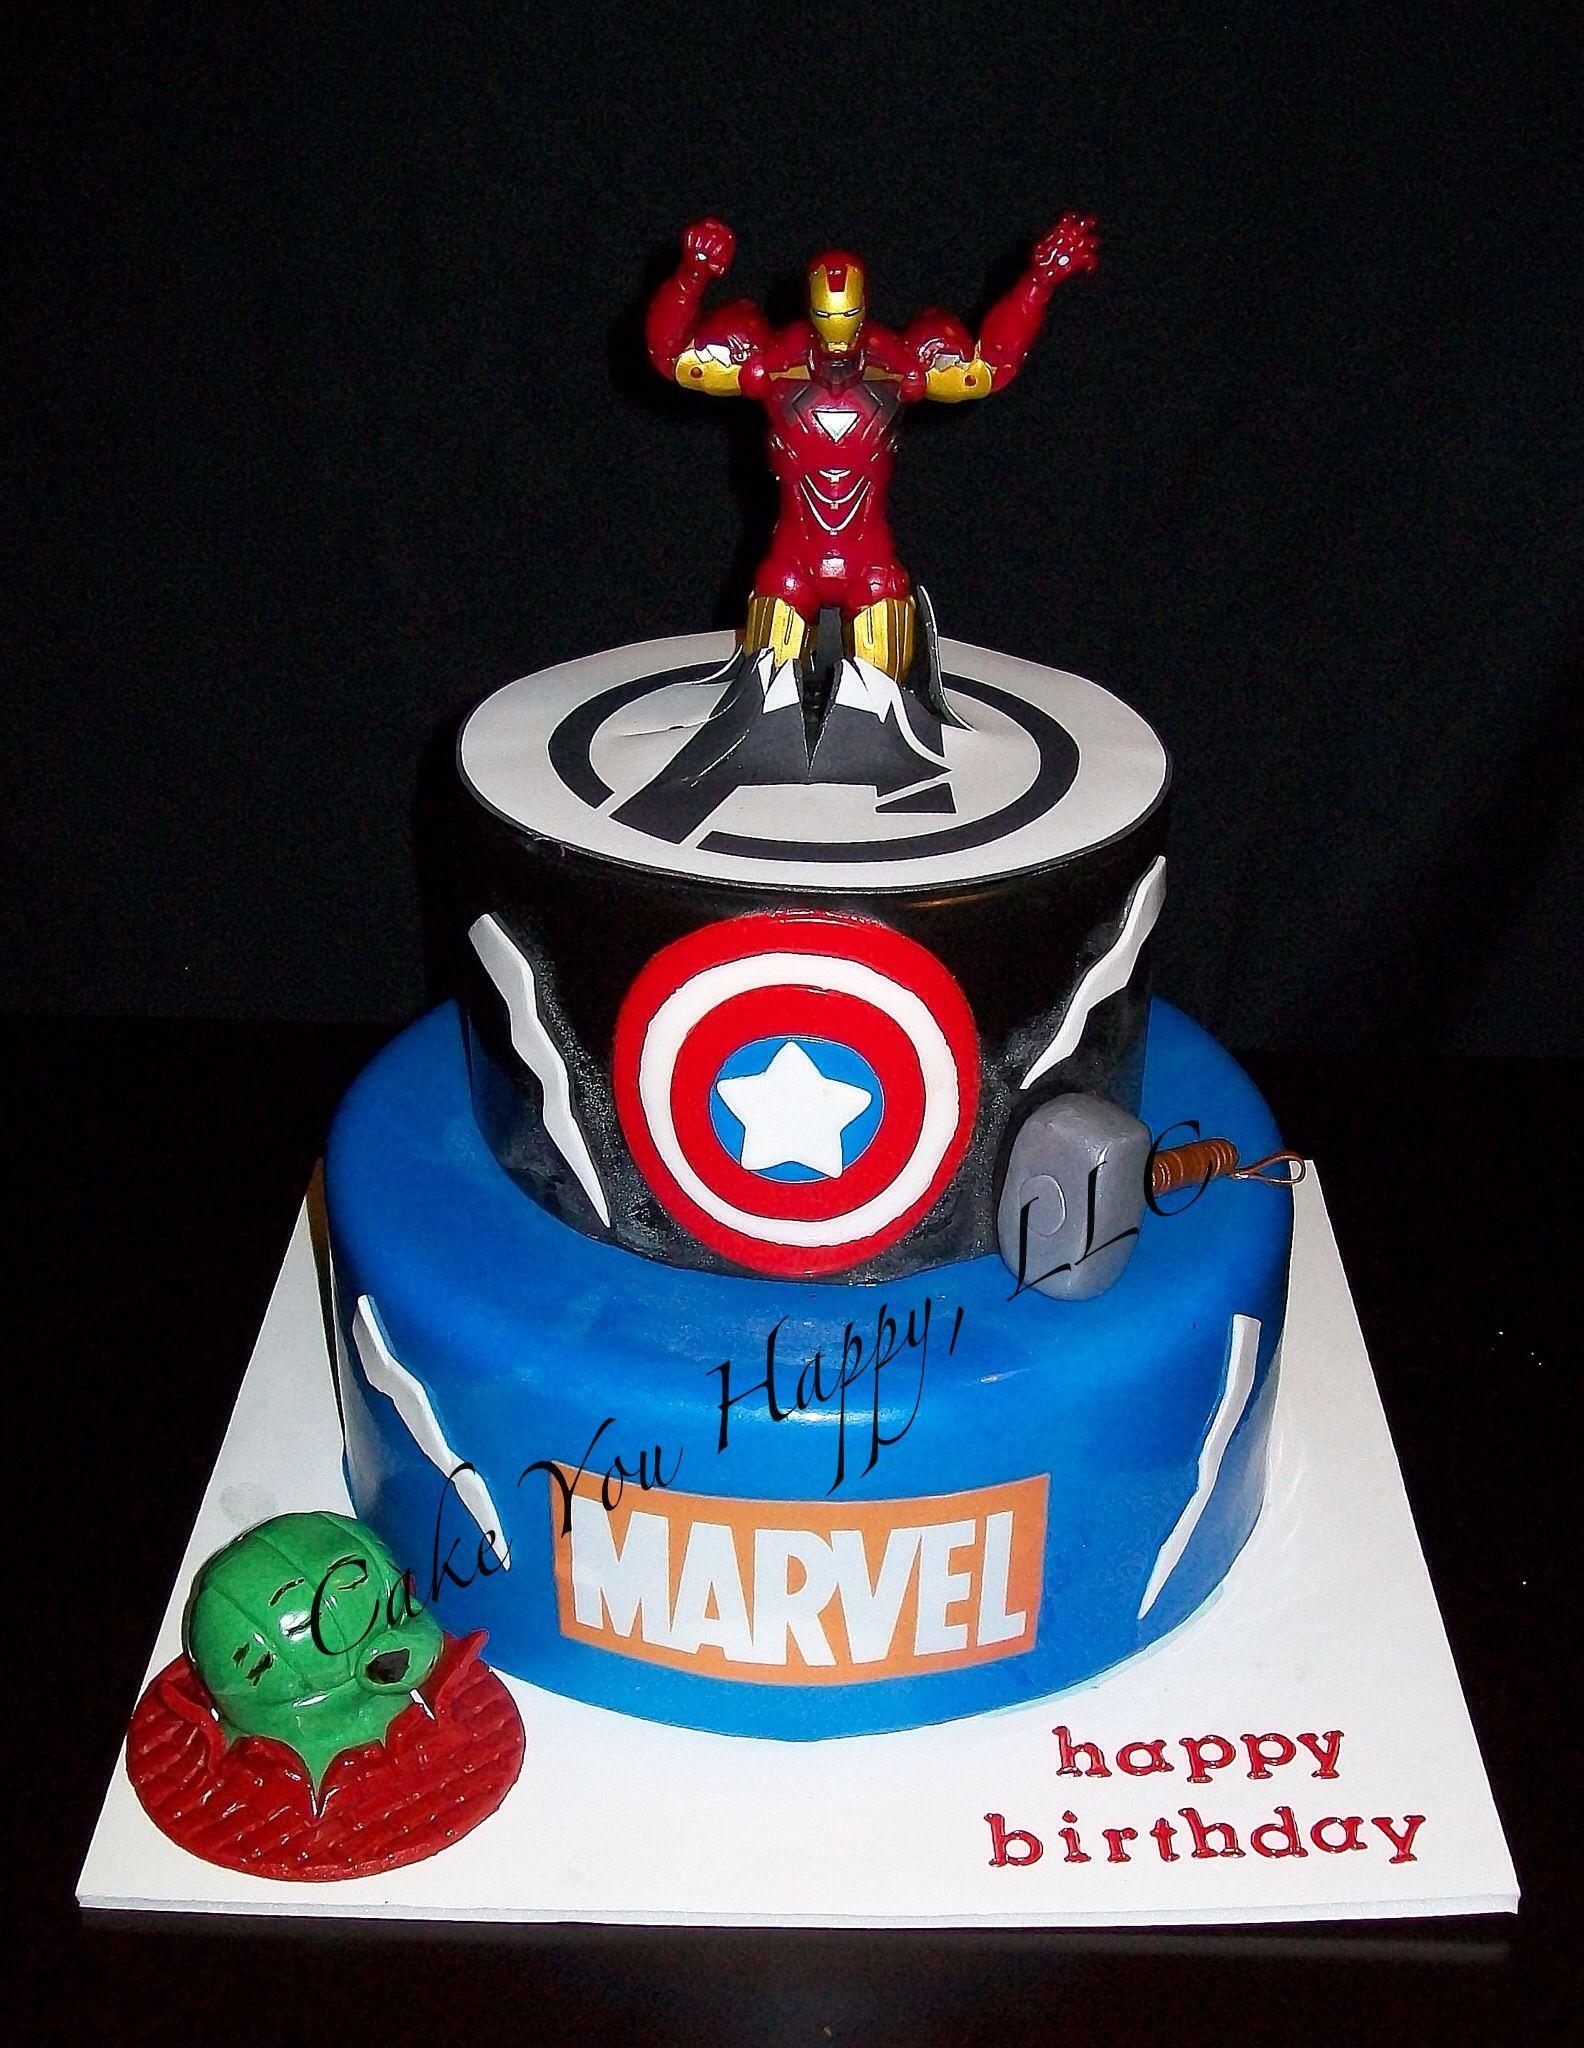 Avengers Birthday Cake Cakes Pinterest Avengers birthday cakes